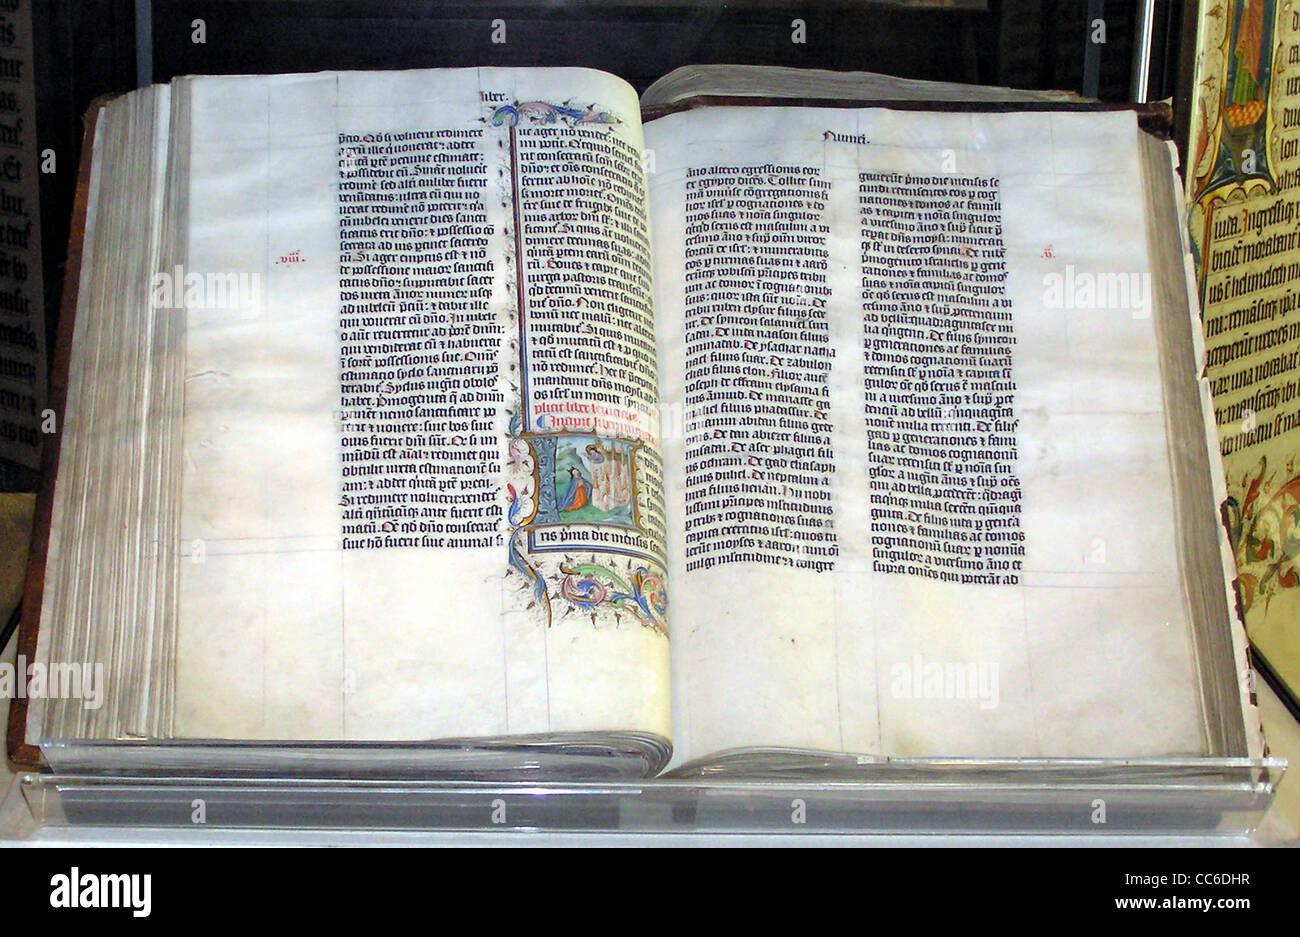 Manuscrit de la Bible en latin, à l'affiche dans l'abbaye de Malmesbury, Wiltshire, Angleterre. Photo Stock